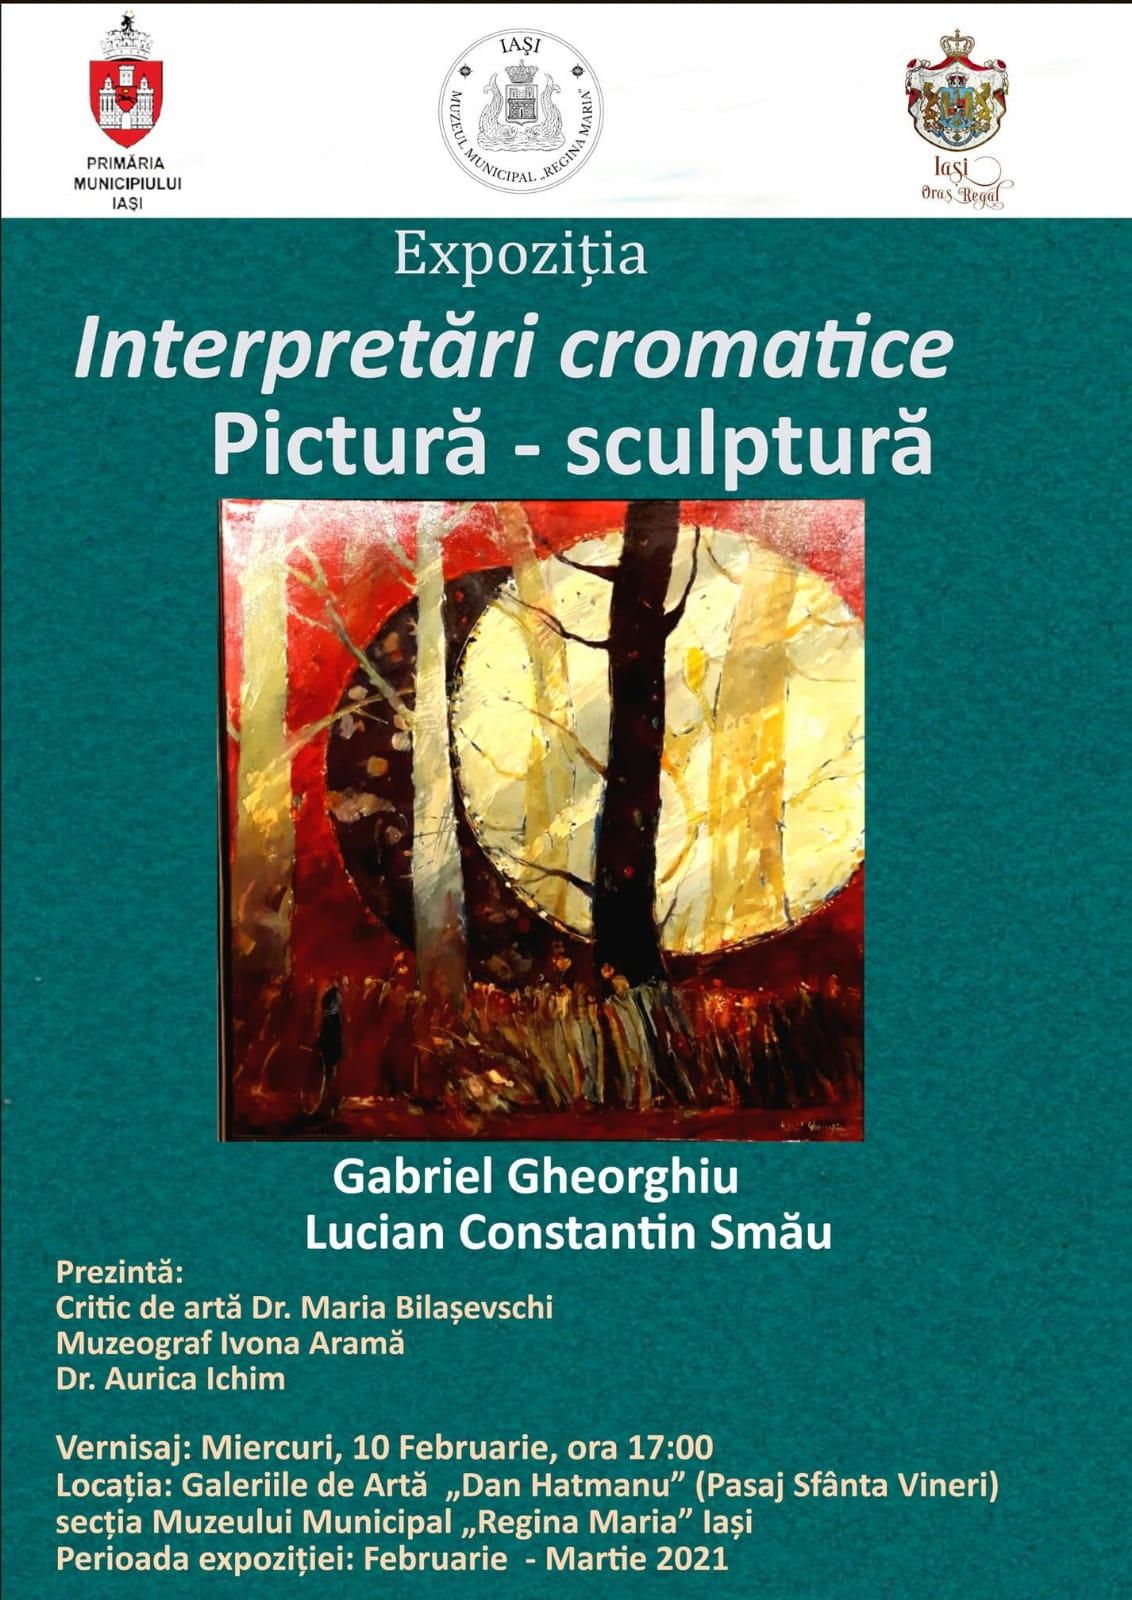 Interpretari cromatice – Gabriel Gheorghiu si Lucian Constantin Smau